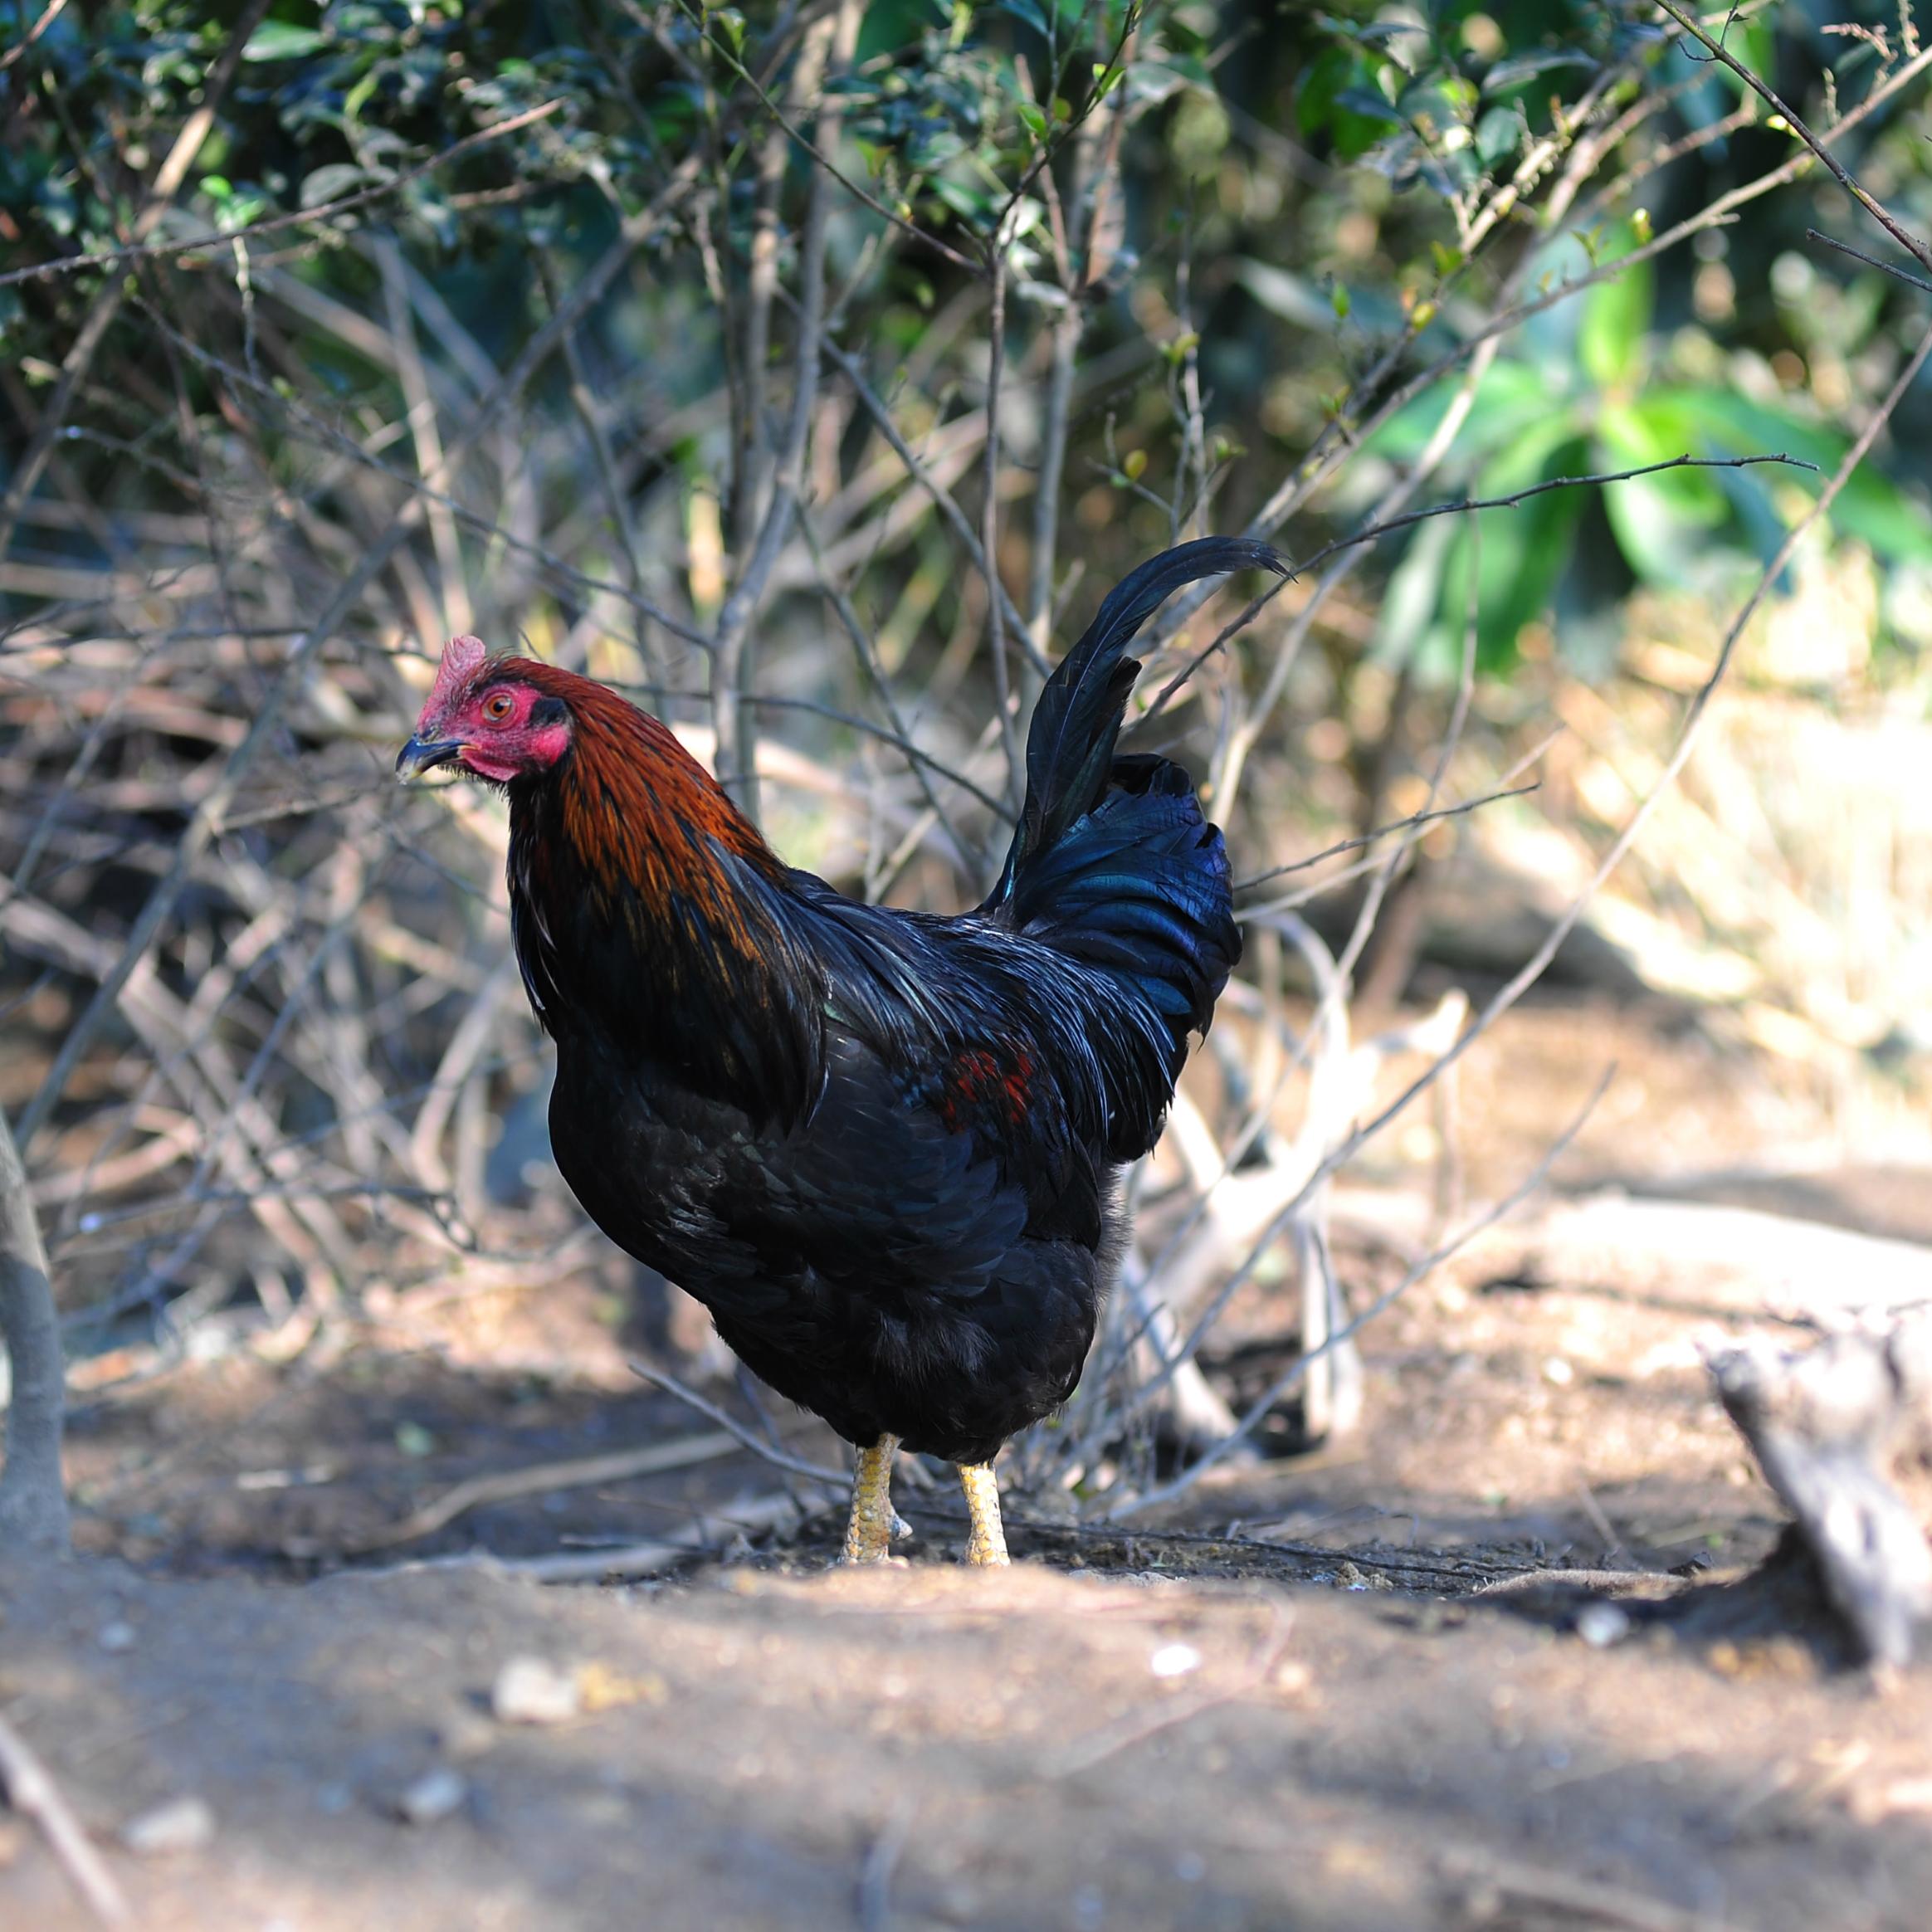 【吃鸡网松鼎山鸡】单件1600g土鸡总统鸡 无激素鸡 散养鸡 冷鲜鸡